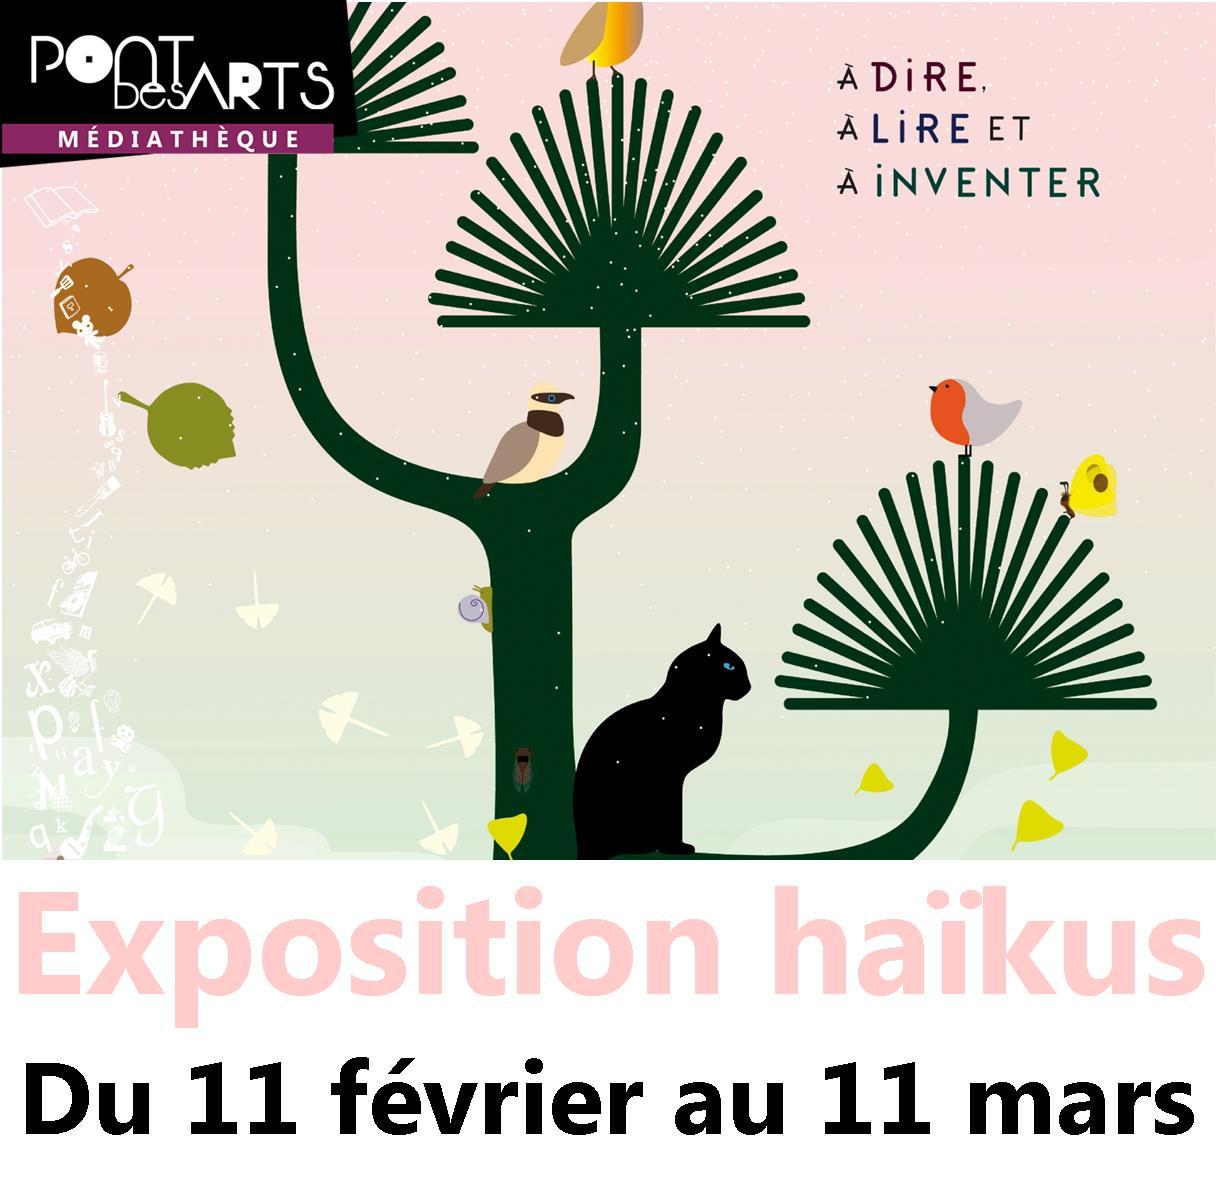 Exposition d'haïkus |